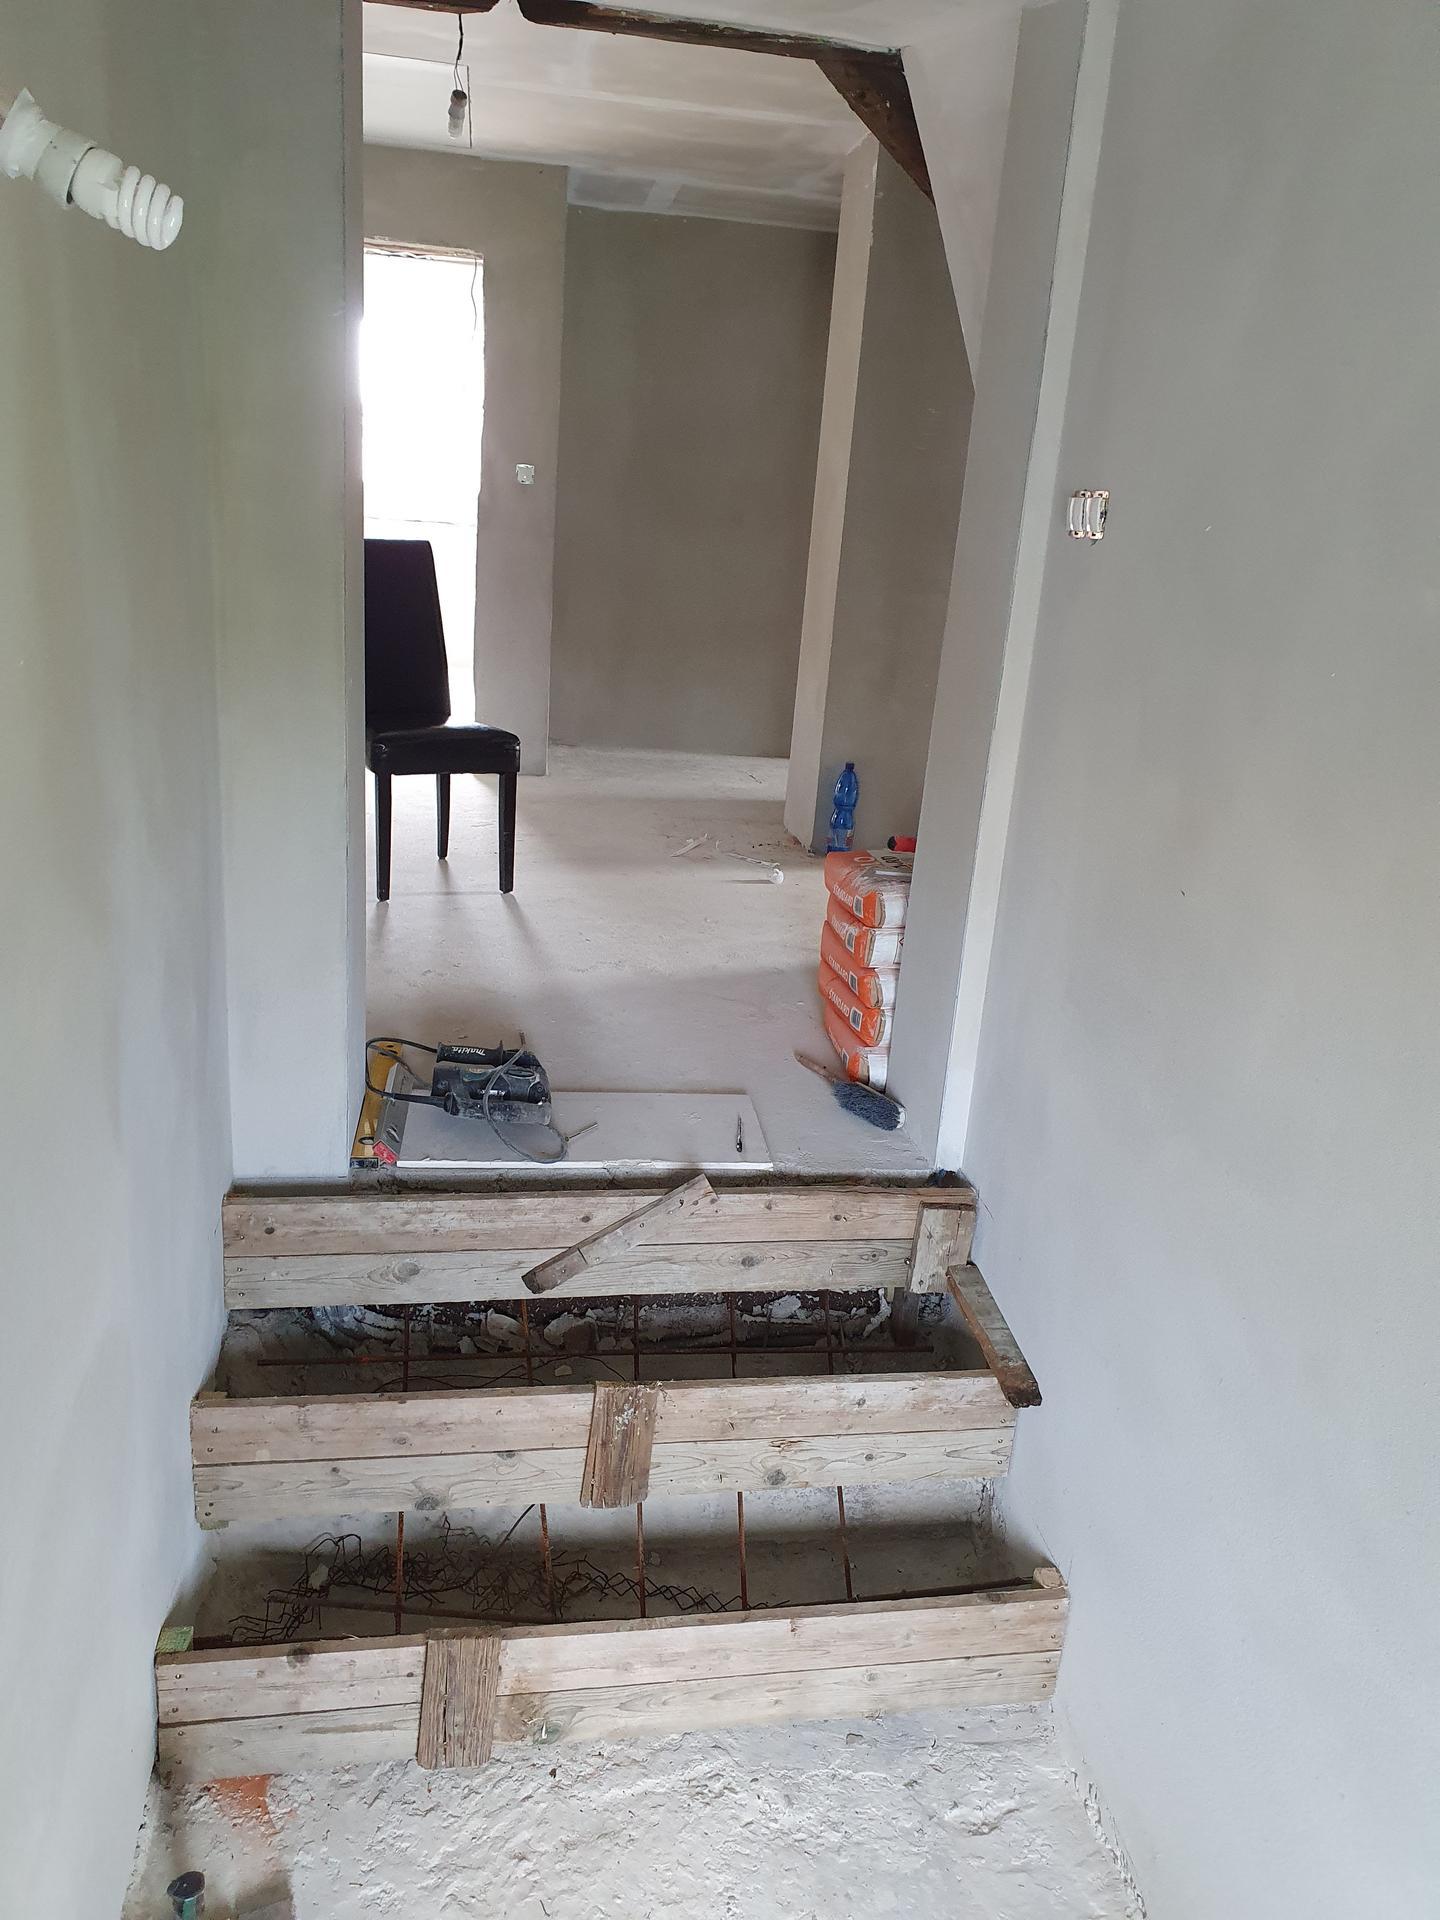 Rekonštrukcia domu-alebo chceme si splniť sen =》🏠🌻🌼🐶  mat domcek a vratit sa na Slovensko - Obrázok č. 857